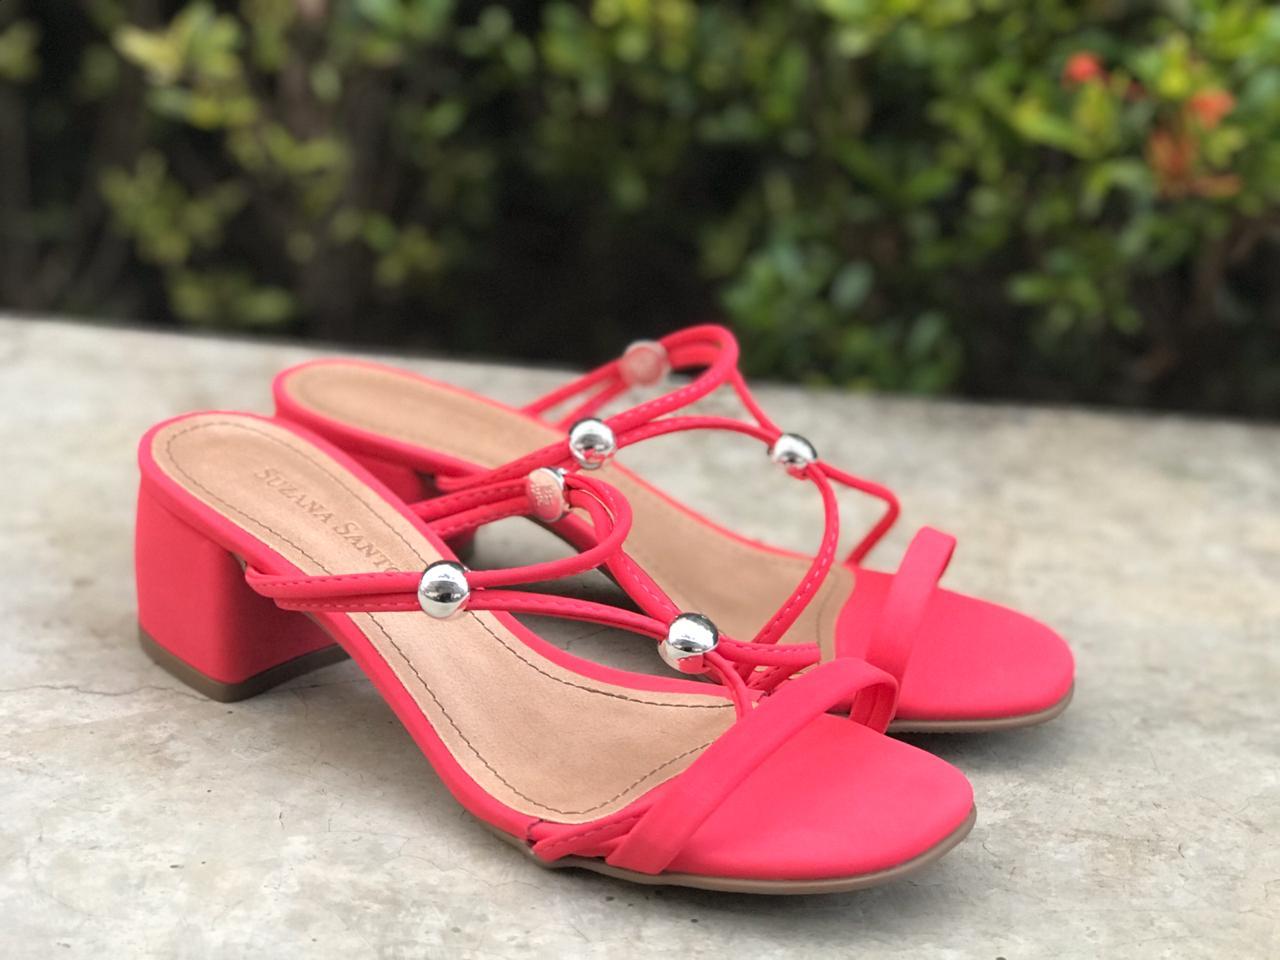 Sandália de Nobuck Pink com Tiras 2 em 1 Suzana Santos